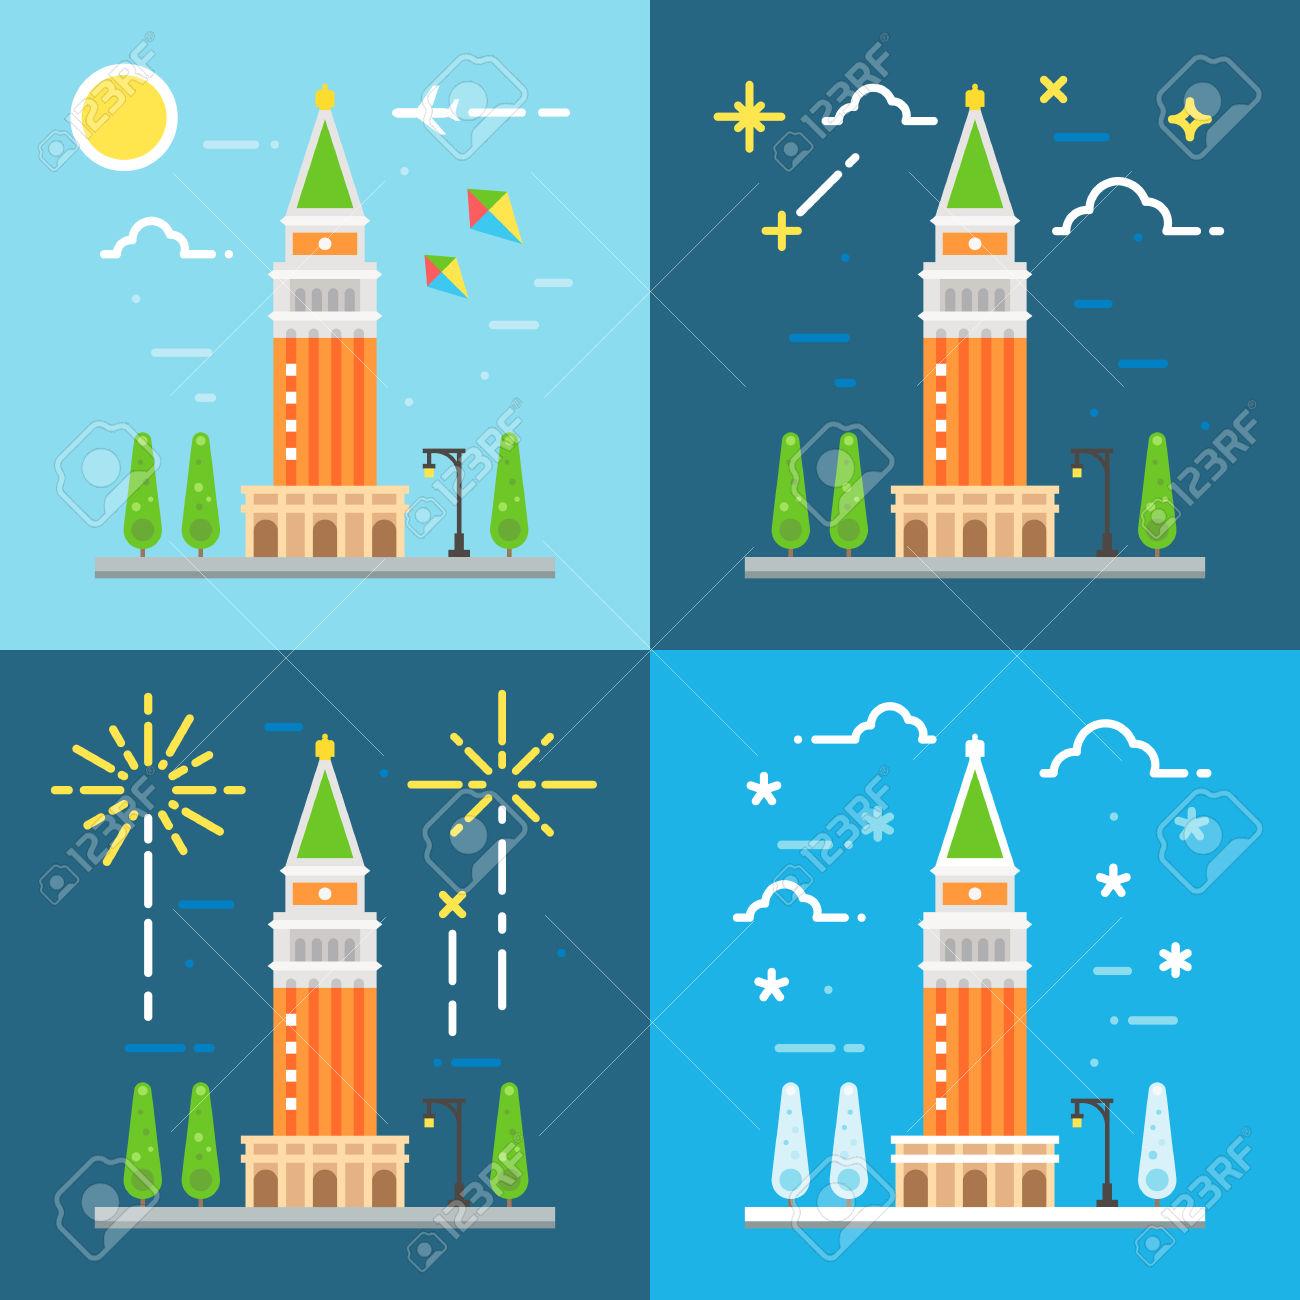 Campanile Illustrazione Vettoriale Design Piatto Di San Marco.